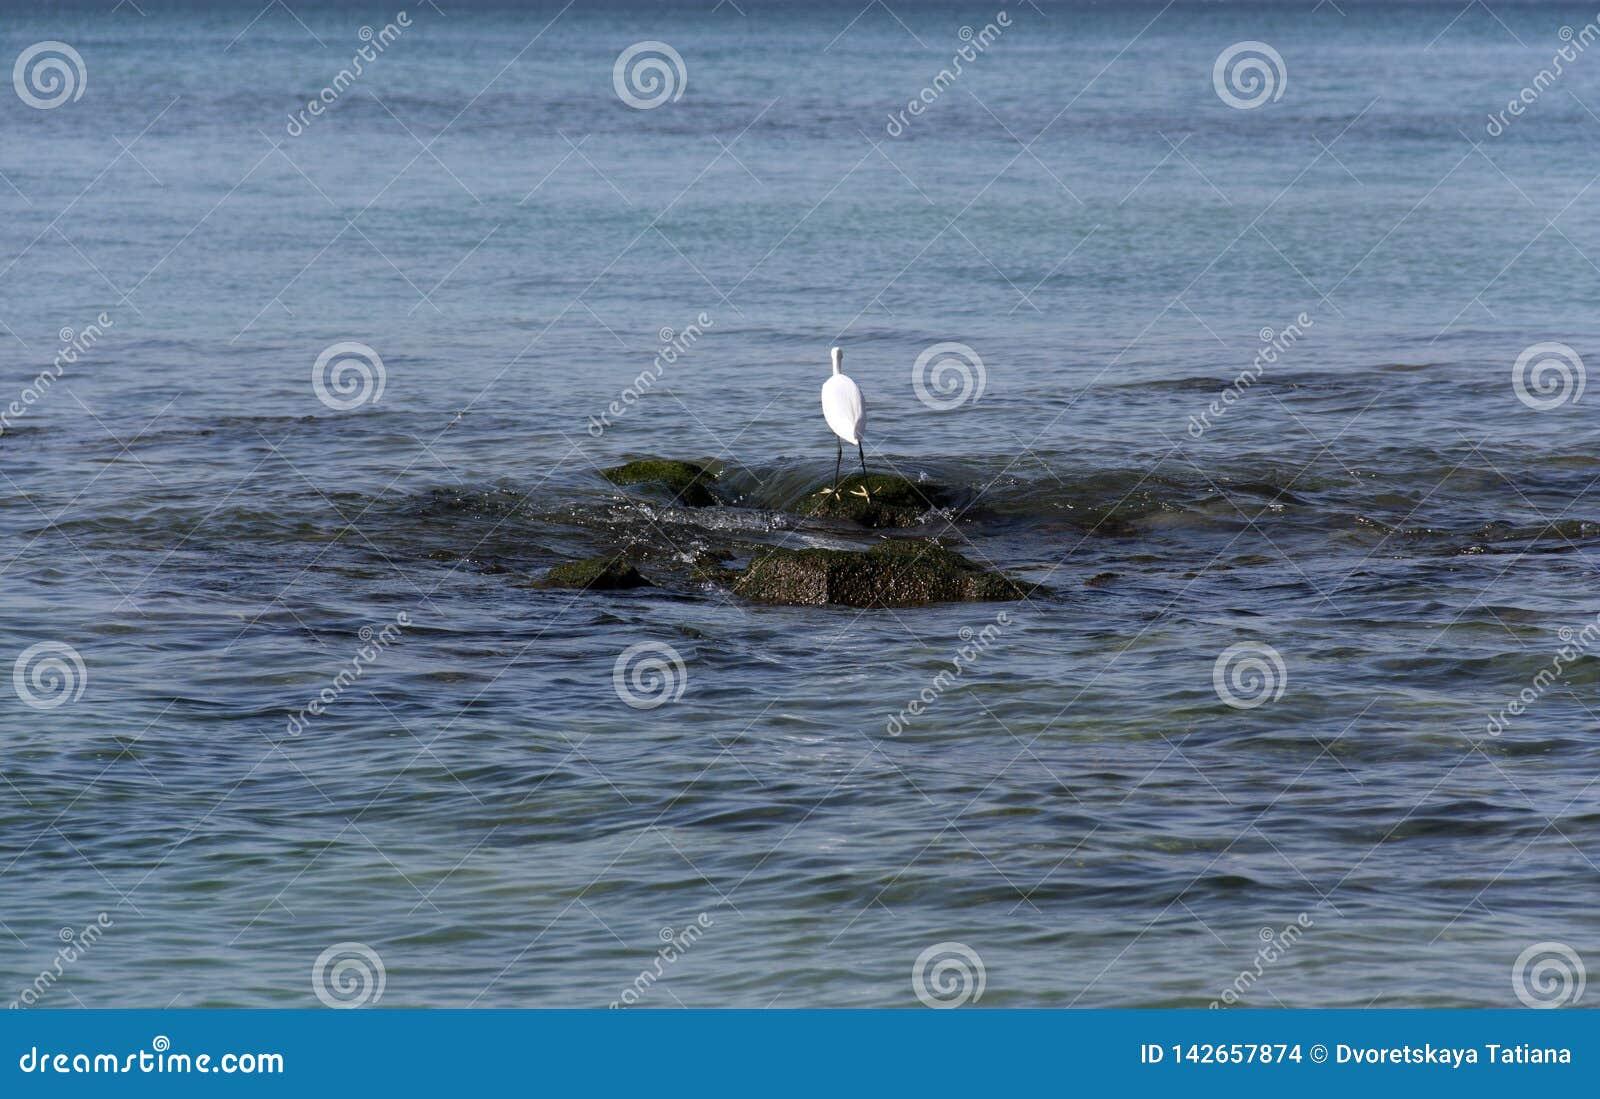 Hägerjakter på stenar i havet